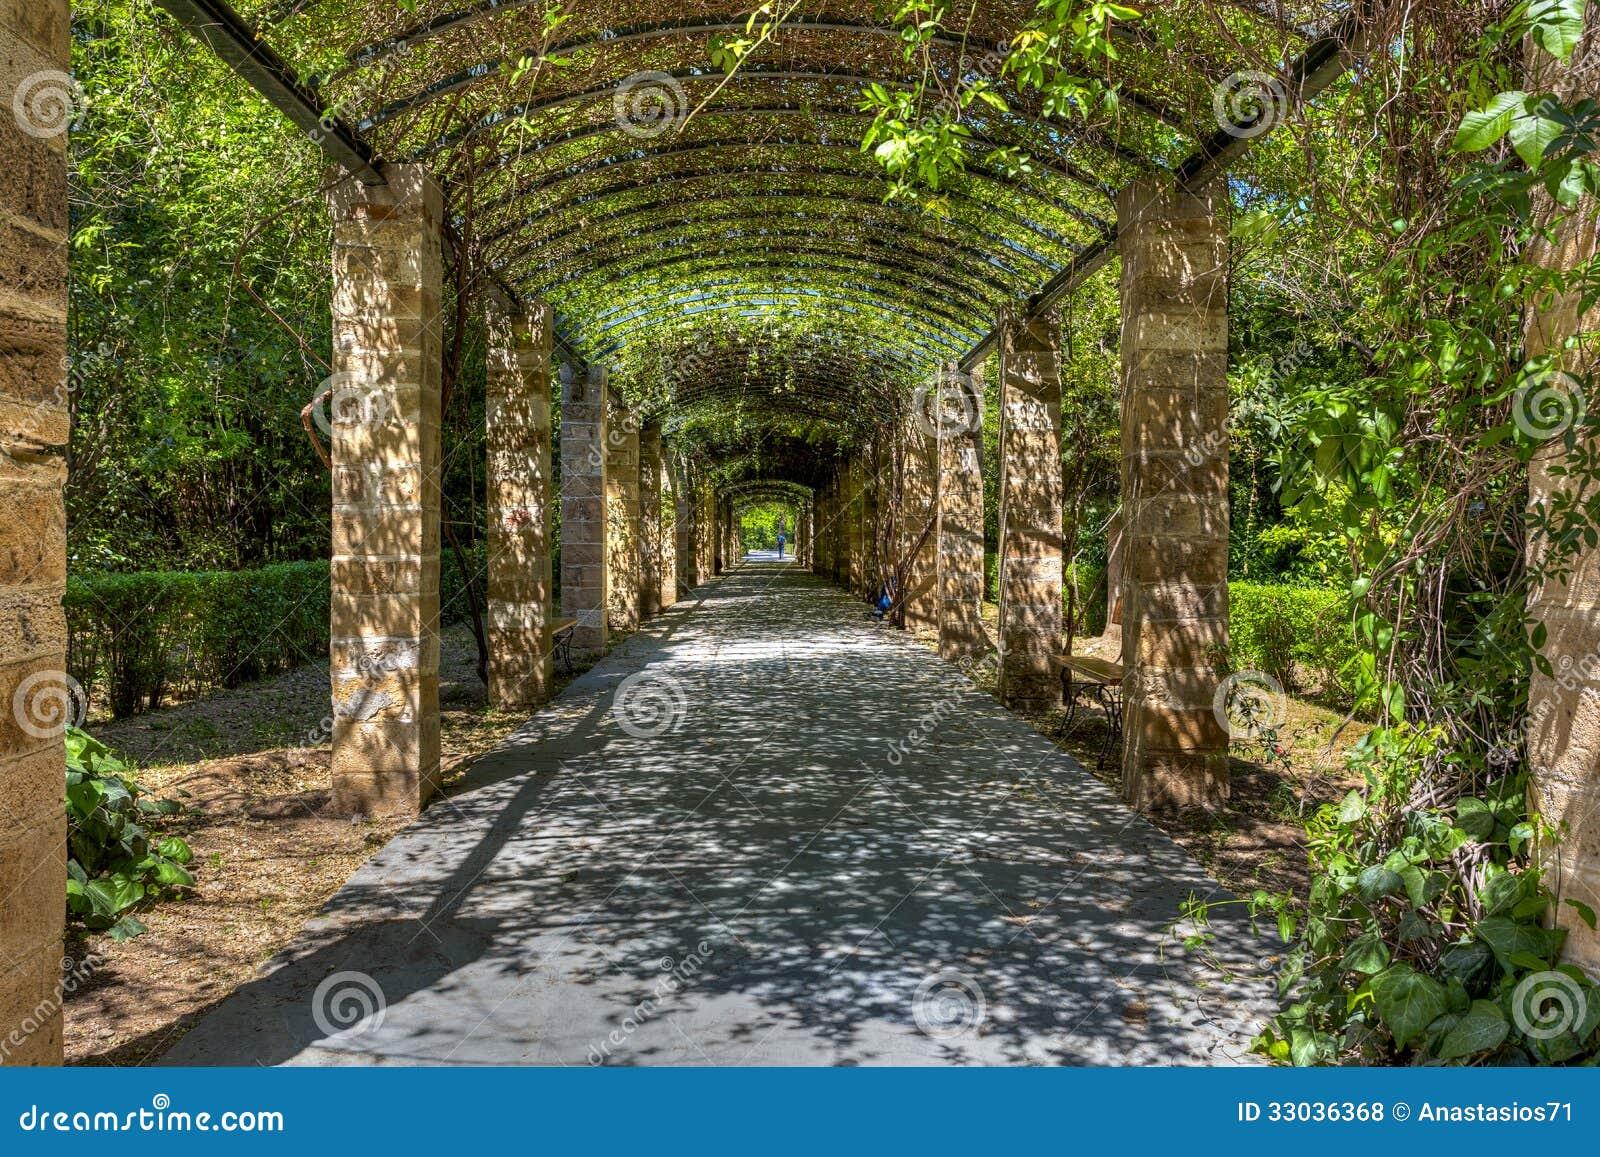 De nationale tuin vroeger de koninklijke tuin van athene royalty vrije stock foto 39 s - Kleur schilderij gang ingang ...